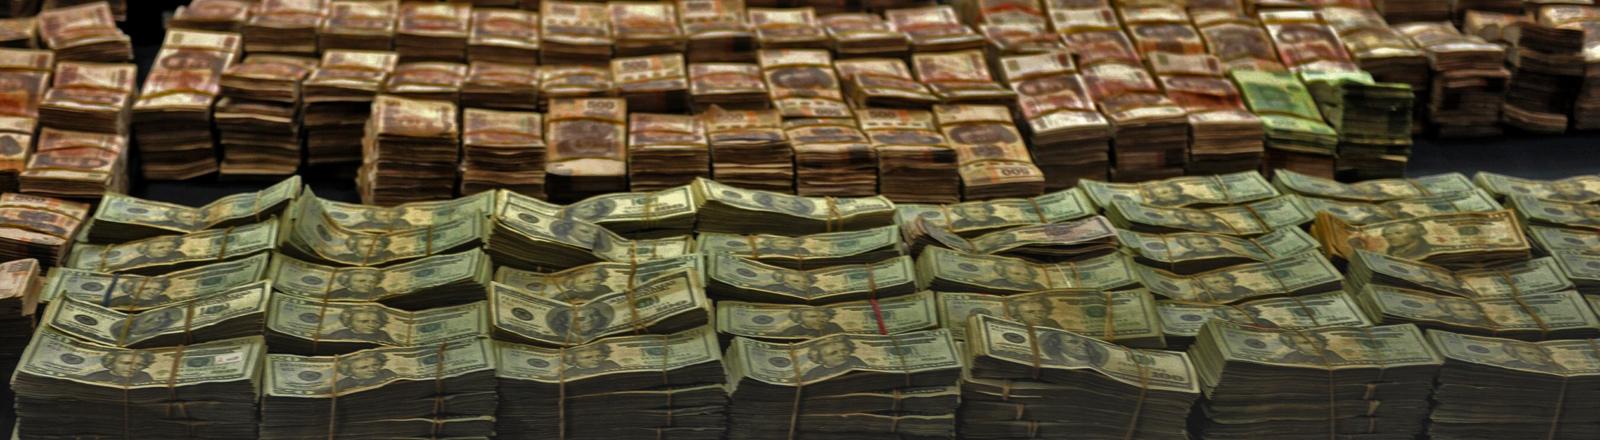 Dutzende Bündel Geldscheine